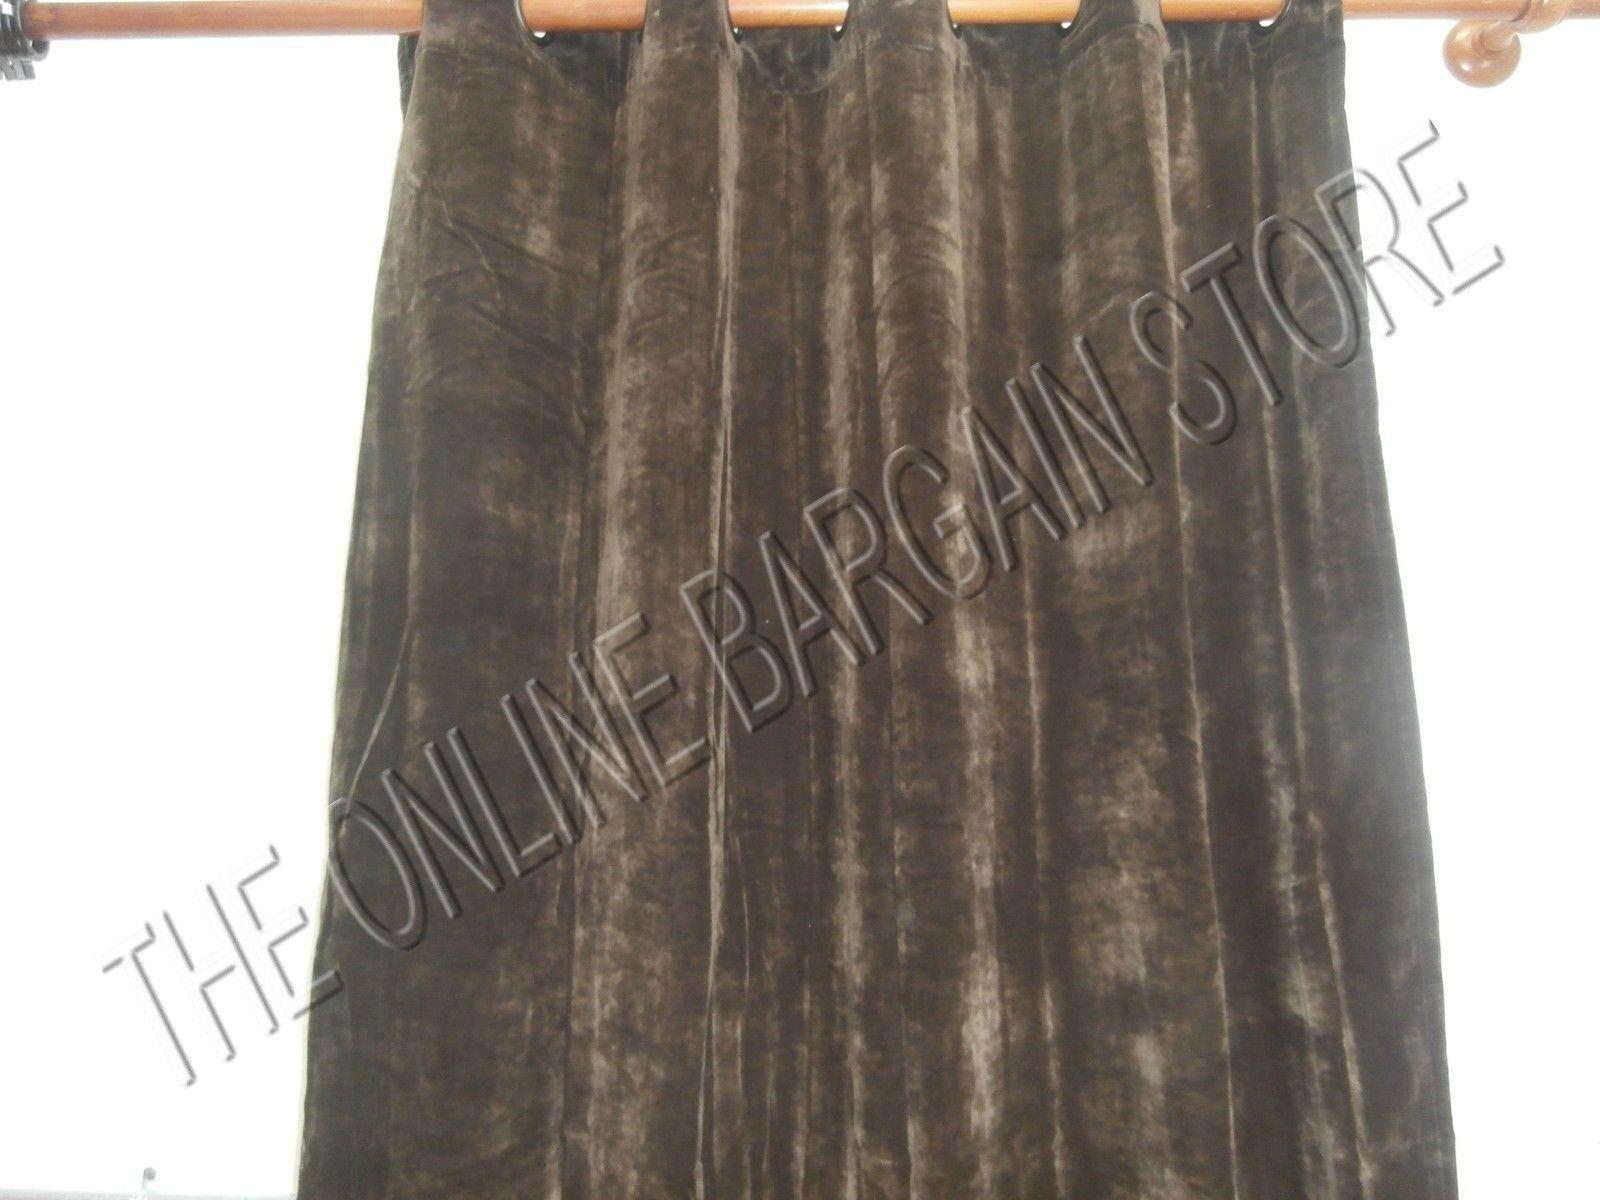 Ballard Designs esencial Ojal Terciopelo cortinas, paneles de cortinas Chocolate 54x96